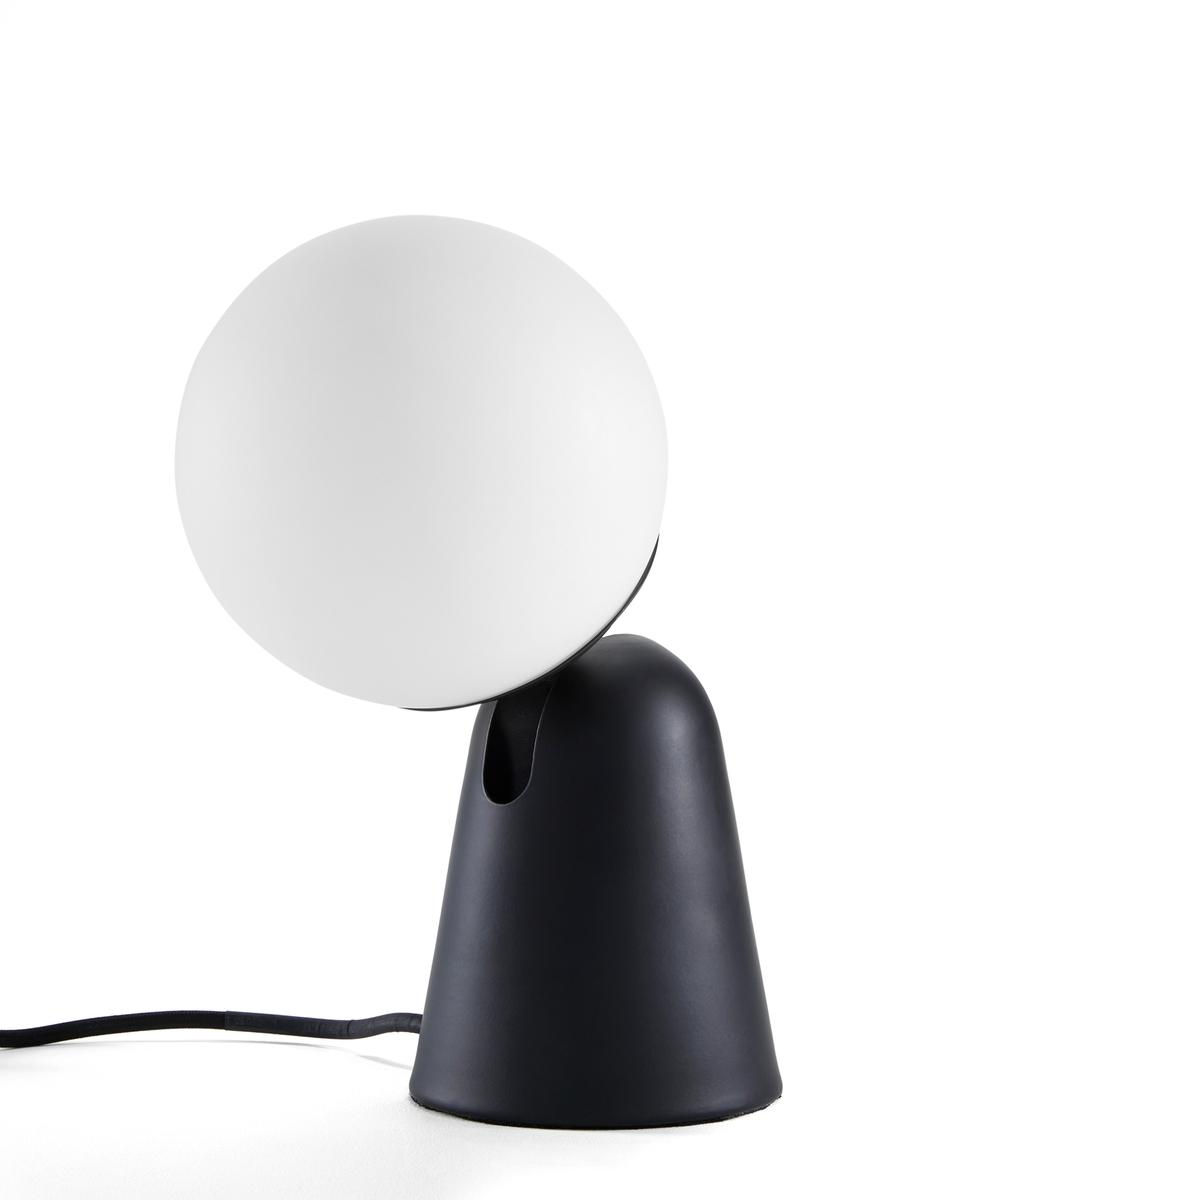 Лампа настольная, PhosphoreЛампа настольная, Phosphore . Оригинальная, забавная форма с графическим диайном, сферический рассеиватель света для направленного освещения и регулируемый плафон .Характеристики :- Из черного металла - Круглый плафон из матового белого стекла - Регулируемый плафон - Патрон G9 для лампочки G9 LED макс. 5Вт  (не входит)- Совместима с лампами класса энергопотребления AРазмеры : - Цоколь ?12 см - Шар ?15 см - Макс.высота : 30 см<br><br>Цвет: черный